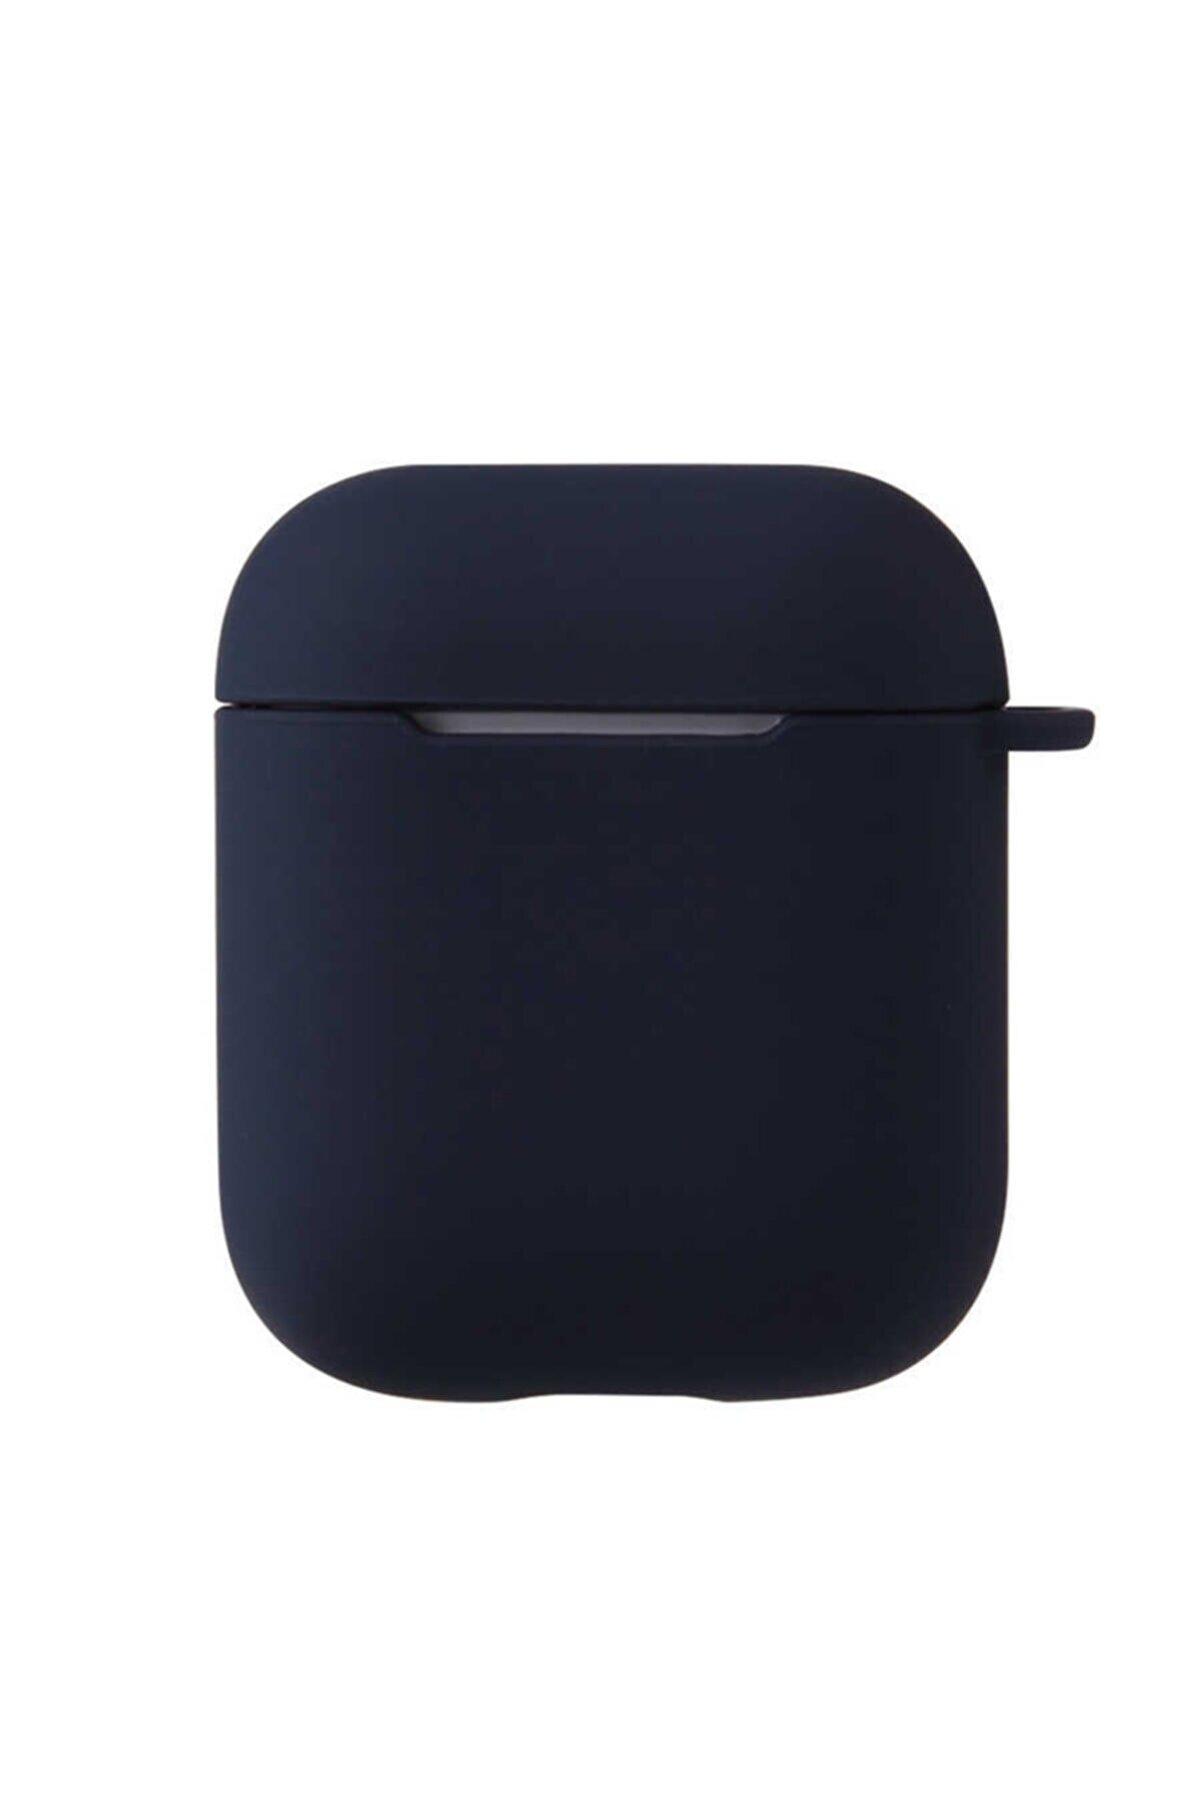 DIJIFABA Apple Airpods Kılıf Zore Airbag 11 Silikon